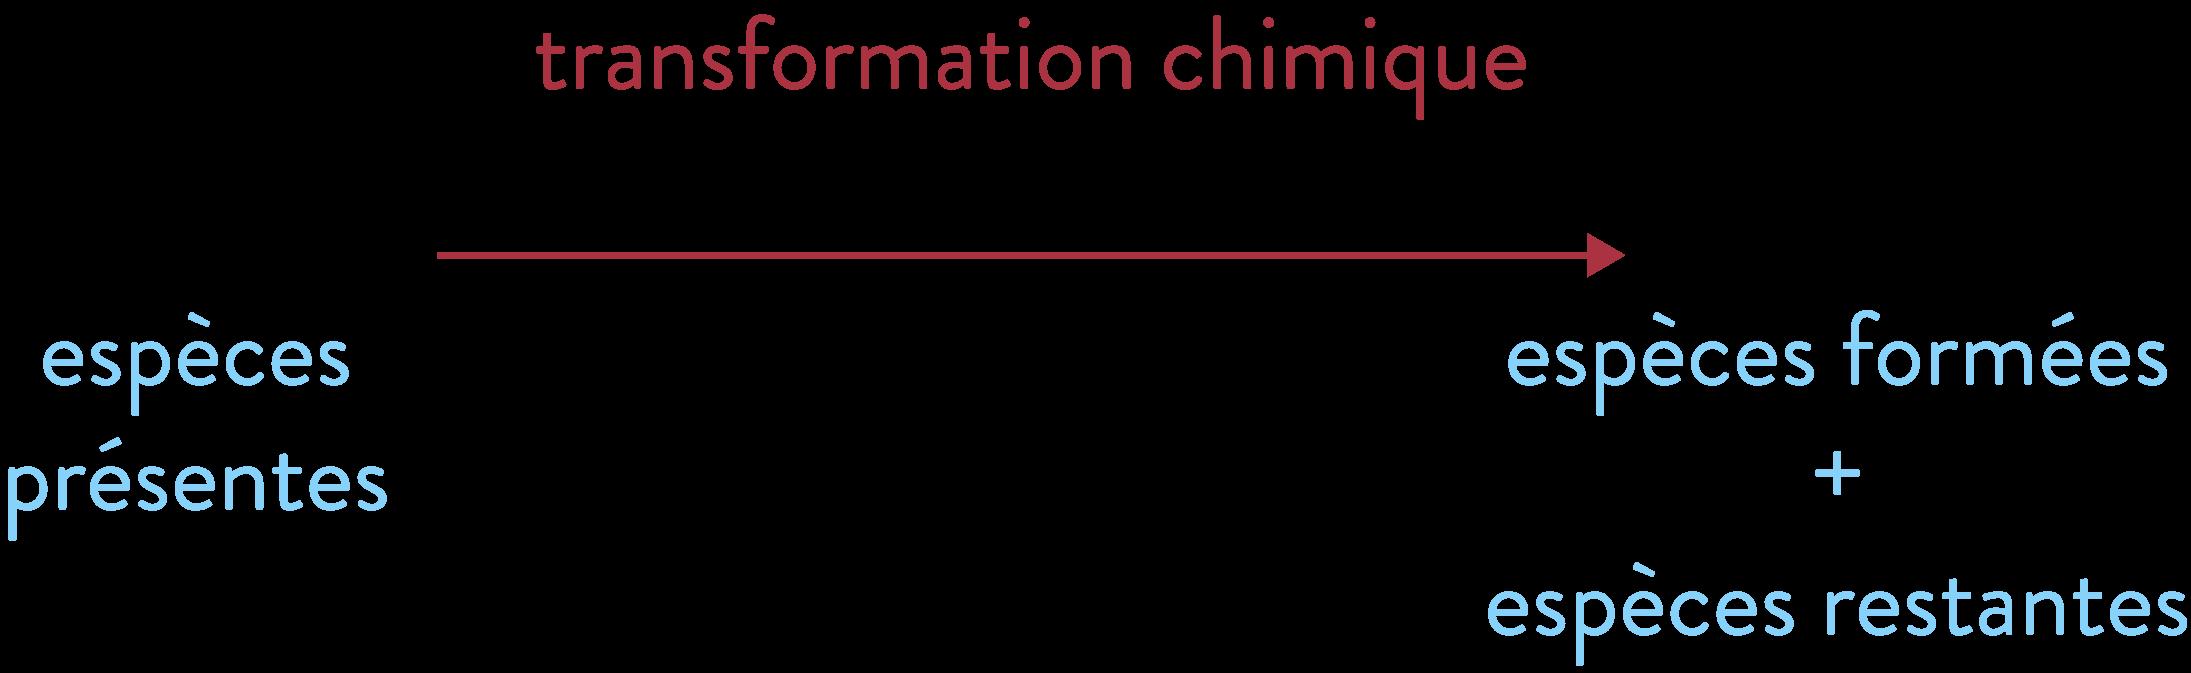 Fonctionnement de la transformation chimique